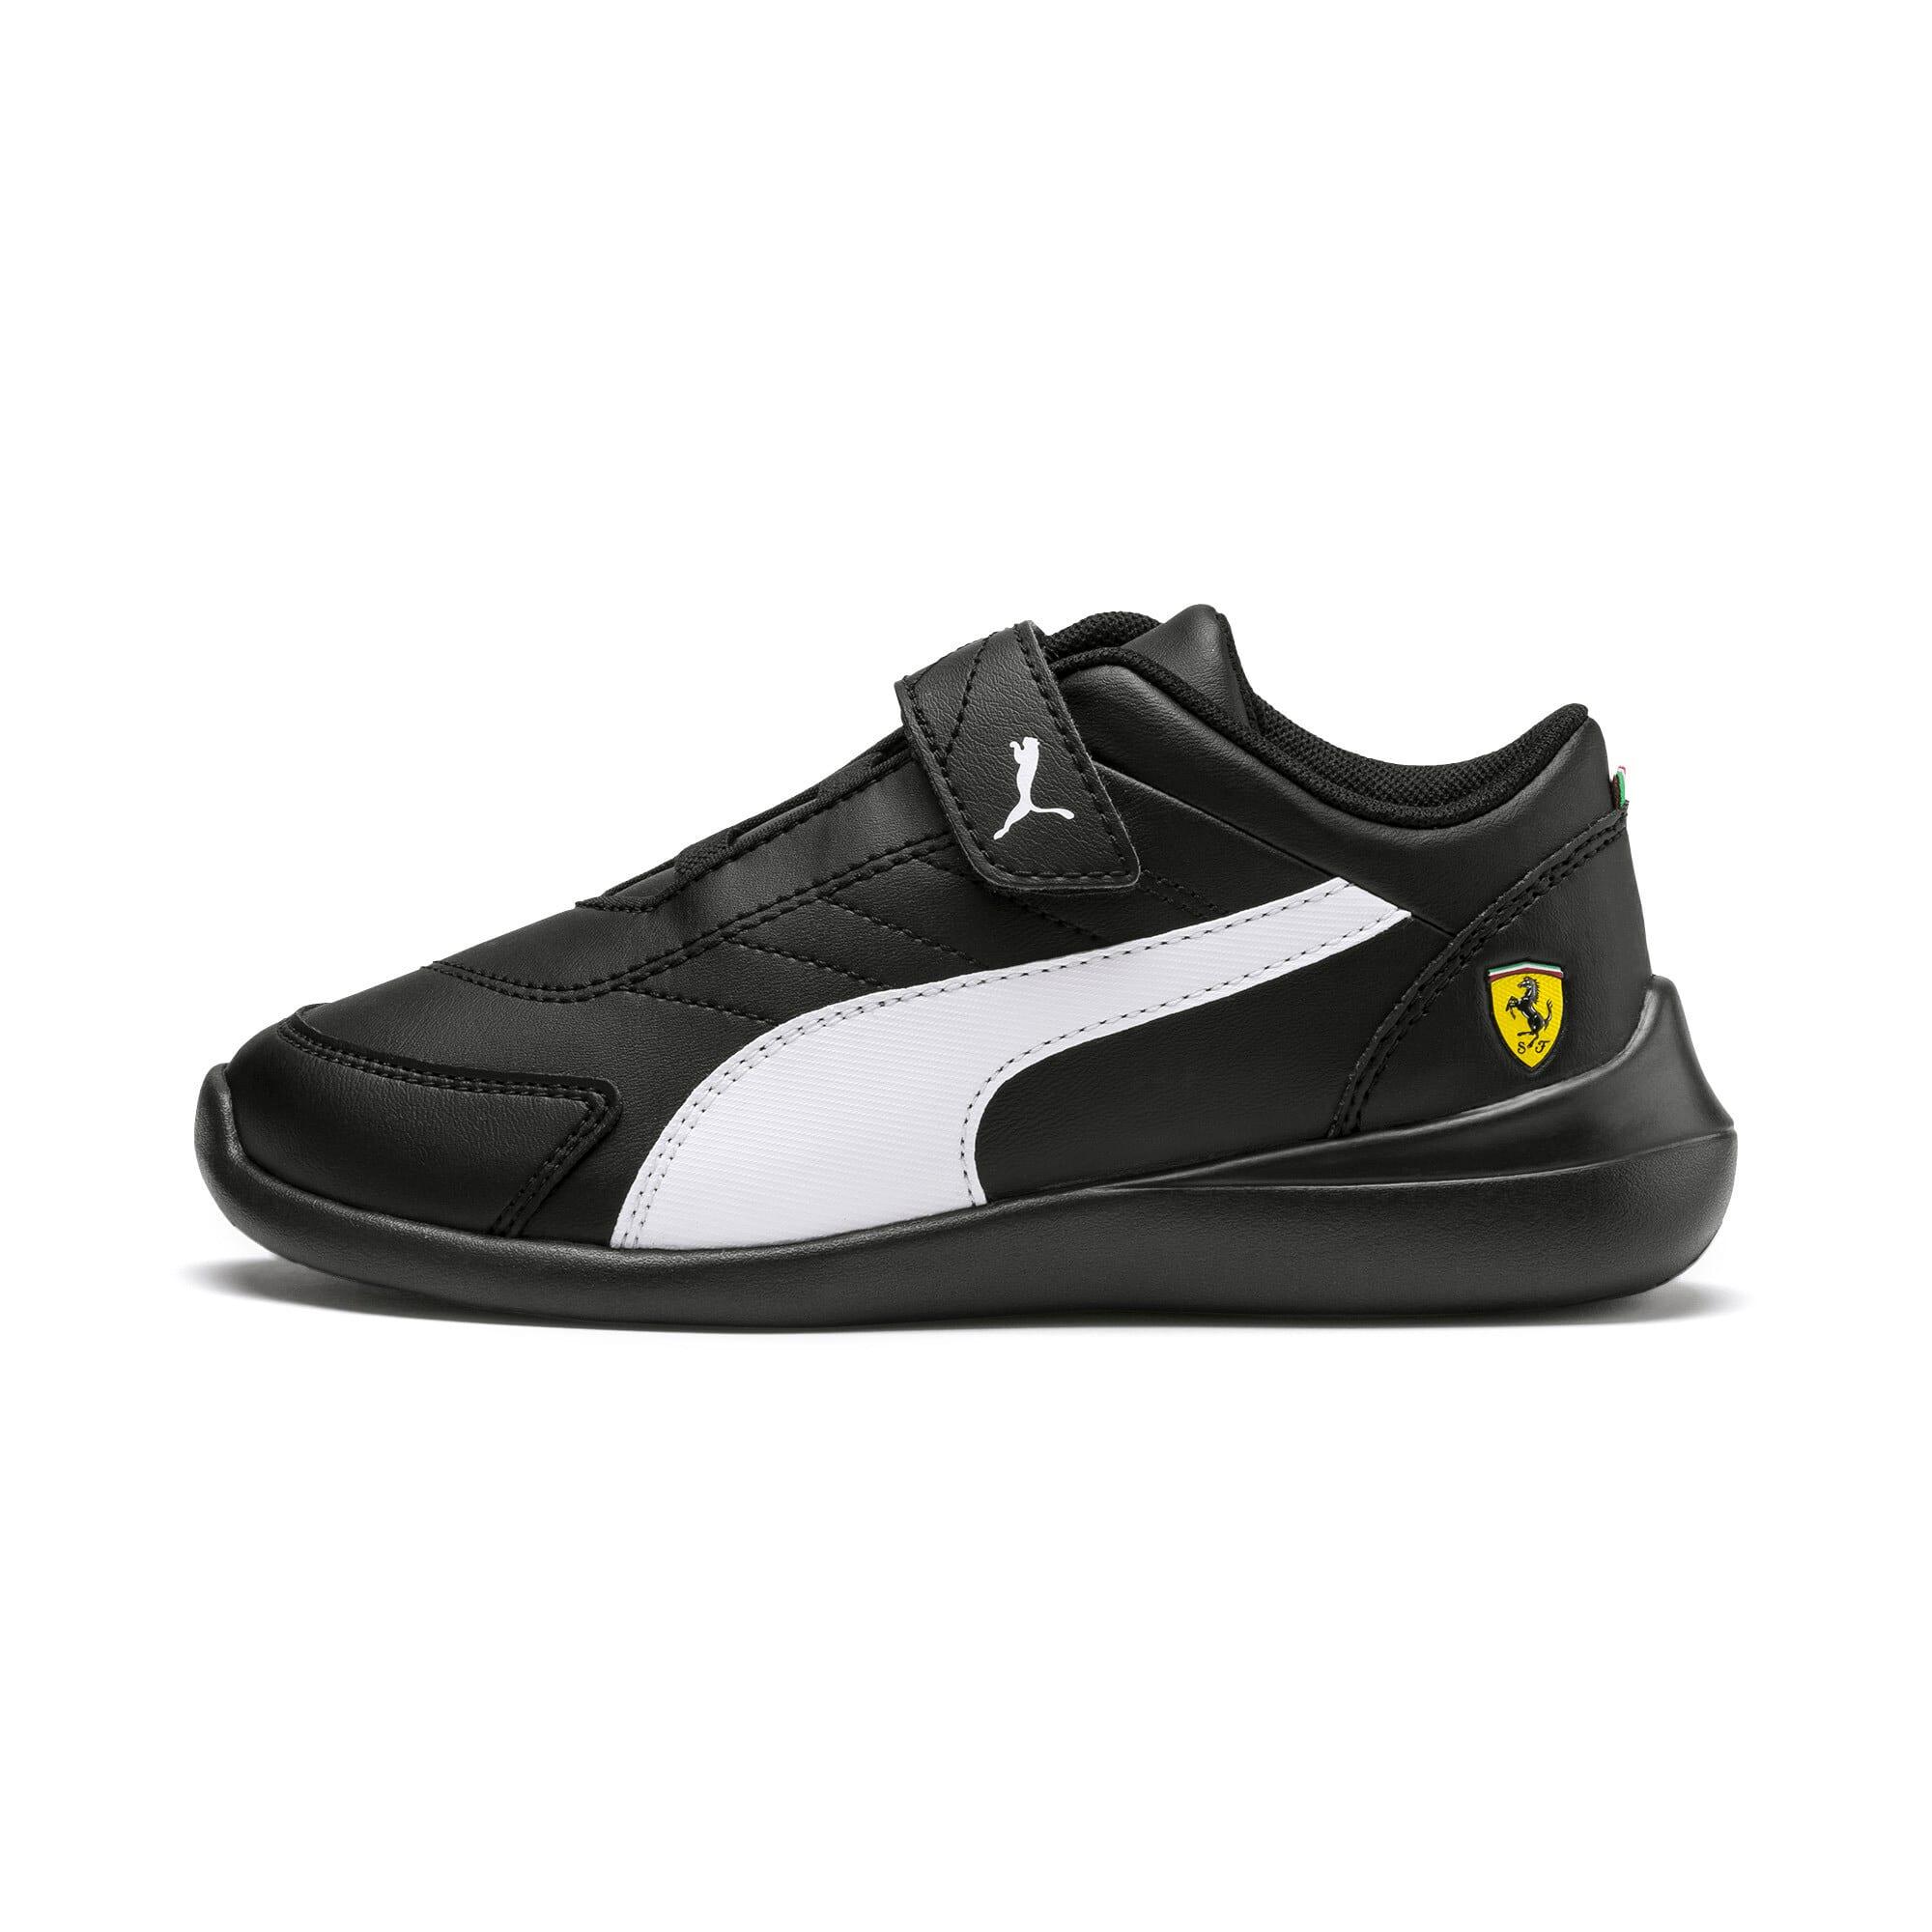 Thumbnail 1 of Ferrari Kart Cat III Kids' Trainers, Black-White-Blazing Yellow, medium